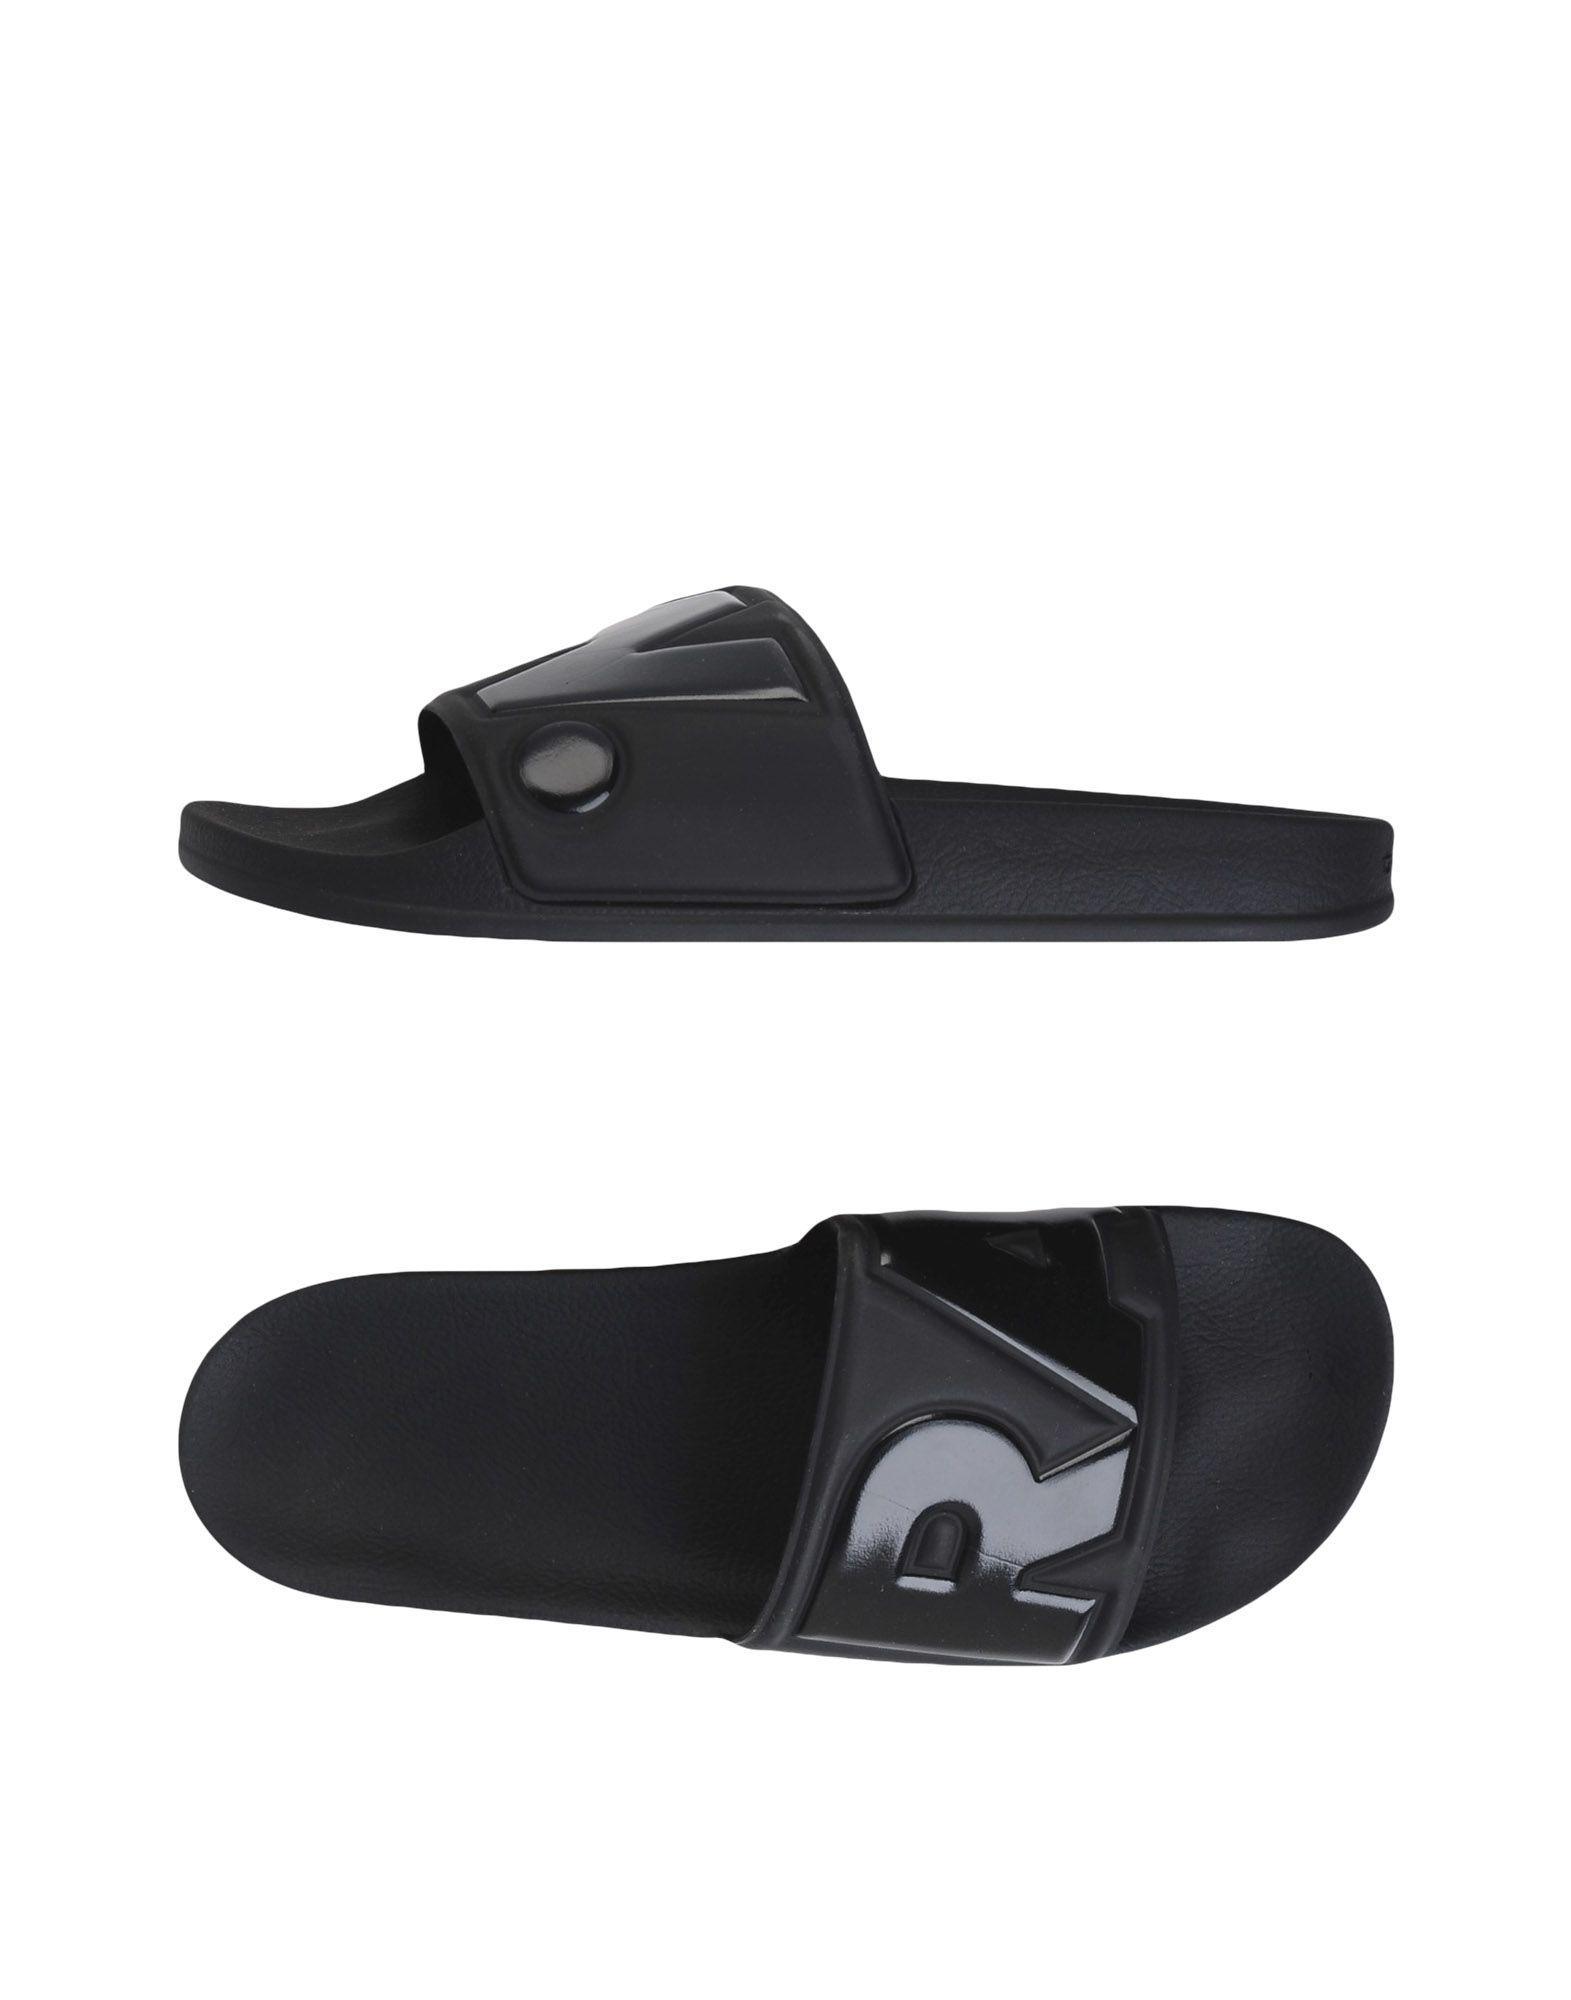 Lyst - Sandales G-Star RAW pour homme en coloris Noir 56d2535a7e0